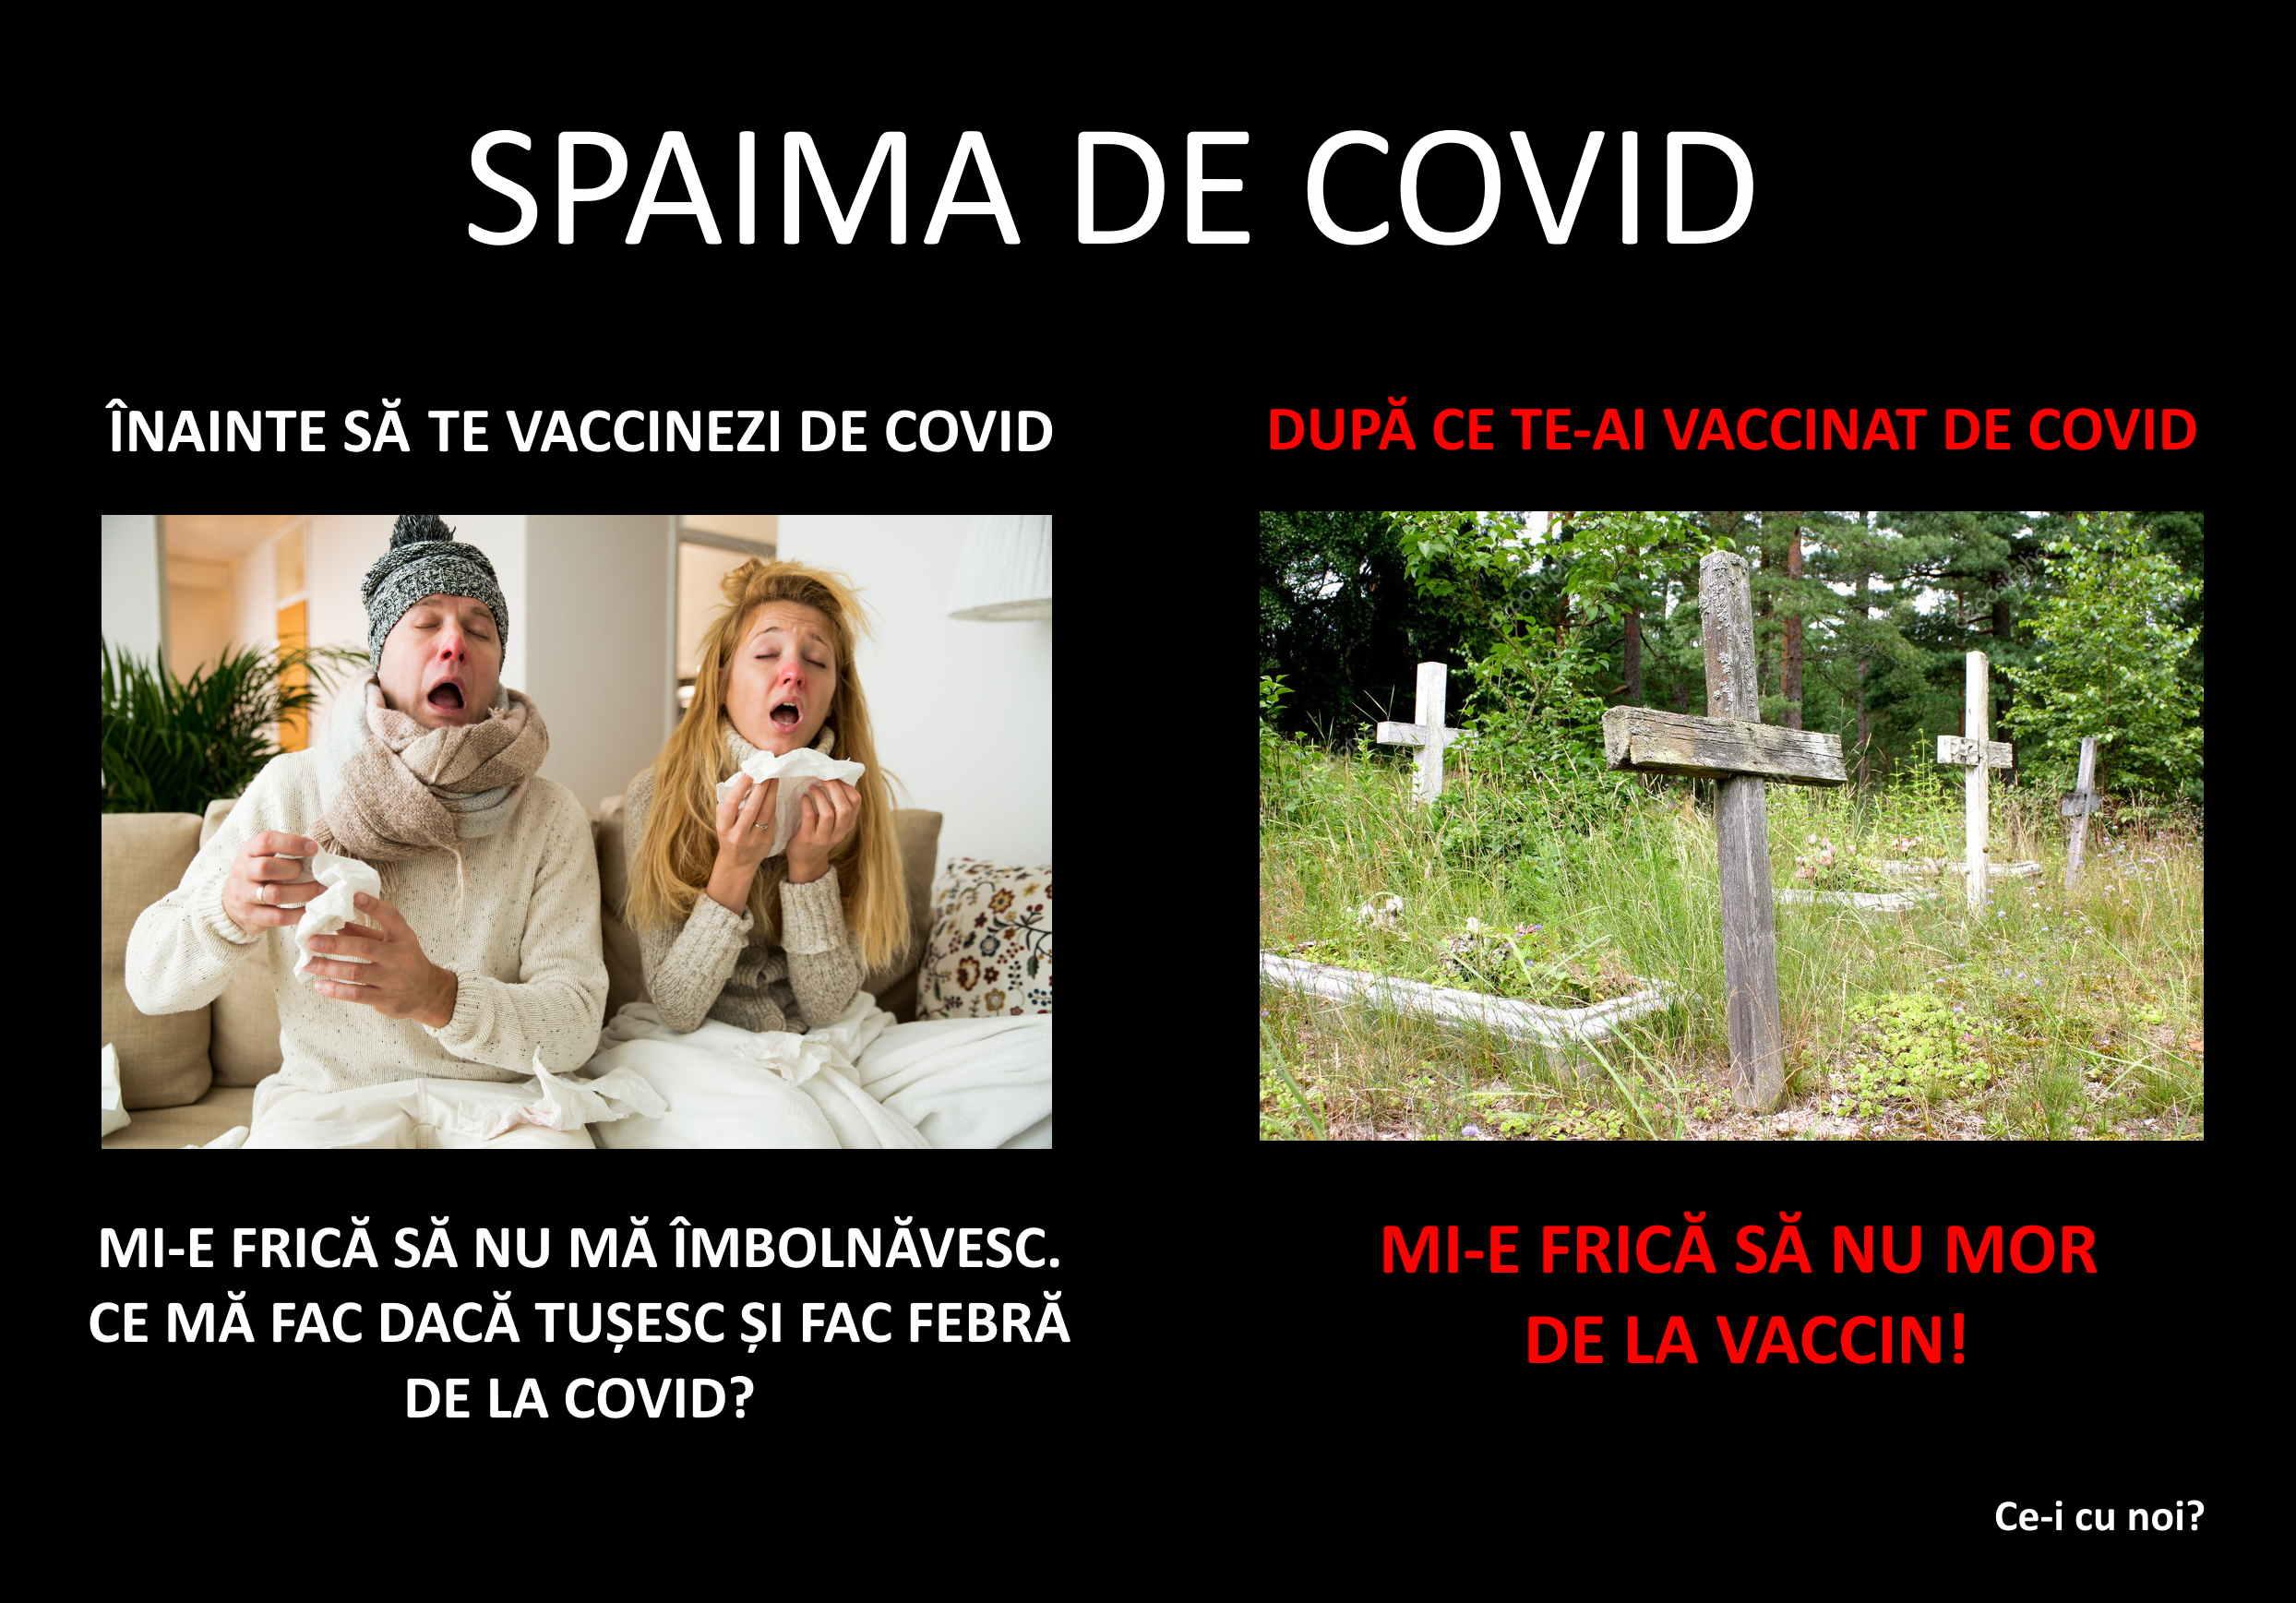 spaima-de-covid-frica-de-covid-vaccin-covid-morti-vaccin-modificare-genetica-ok